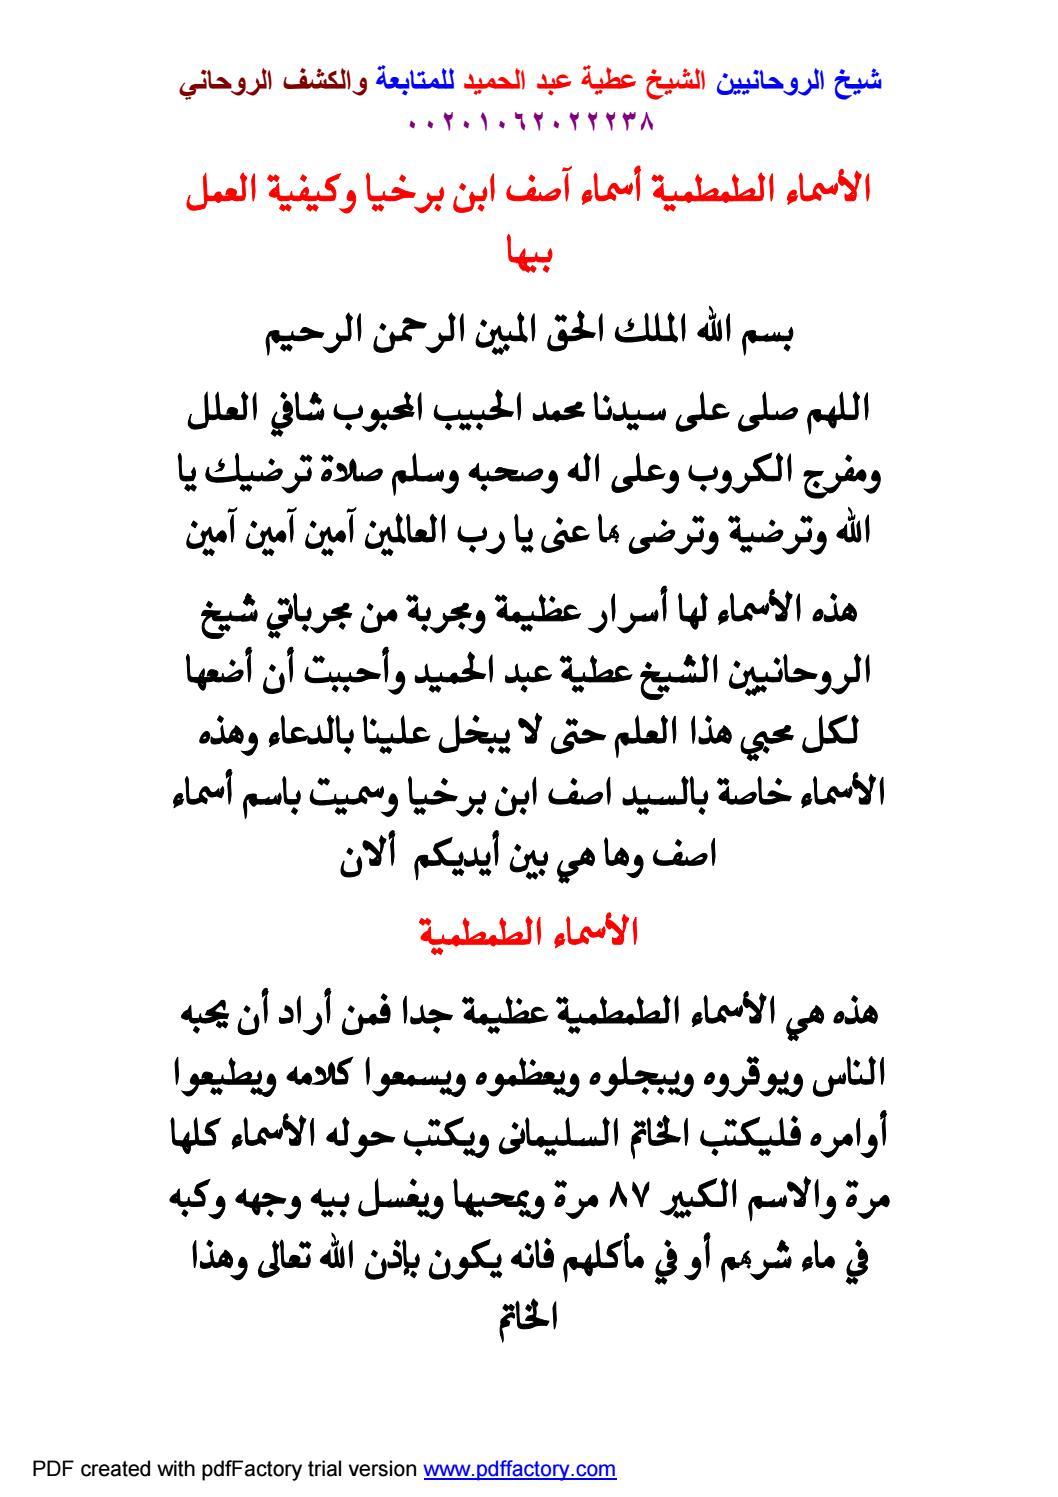 كتاب كليات اساطير اصف بن برخيا